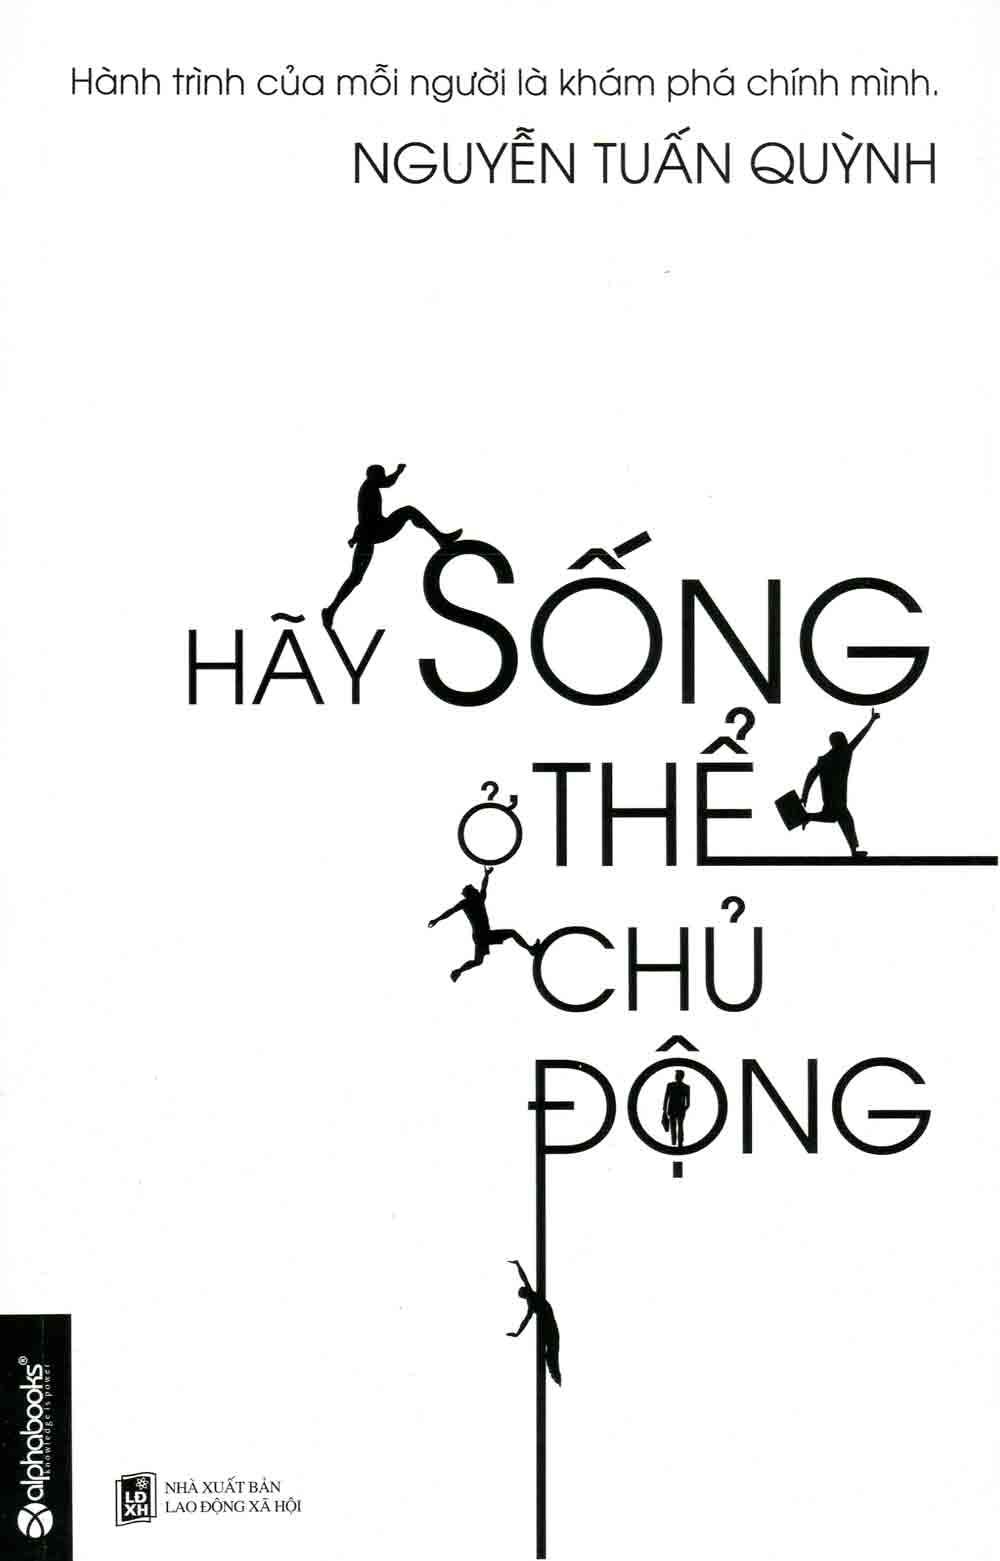 sach hay song o the chu dong 9 quyển sách hay sinh viên nên đọc ngay khi còn trẻ